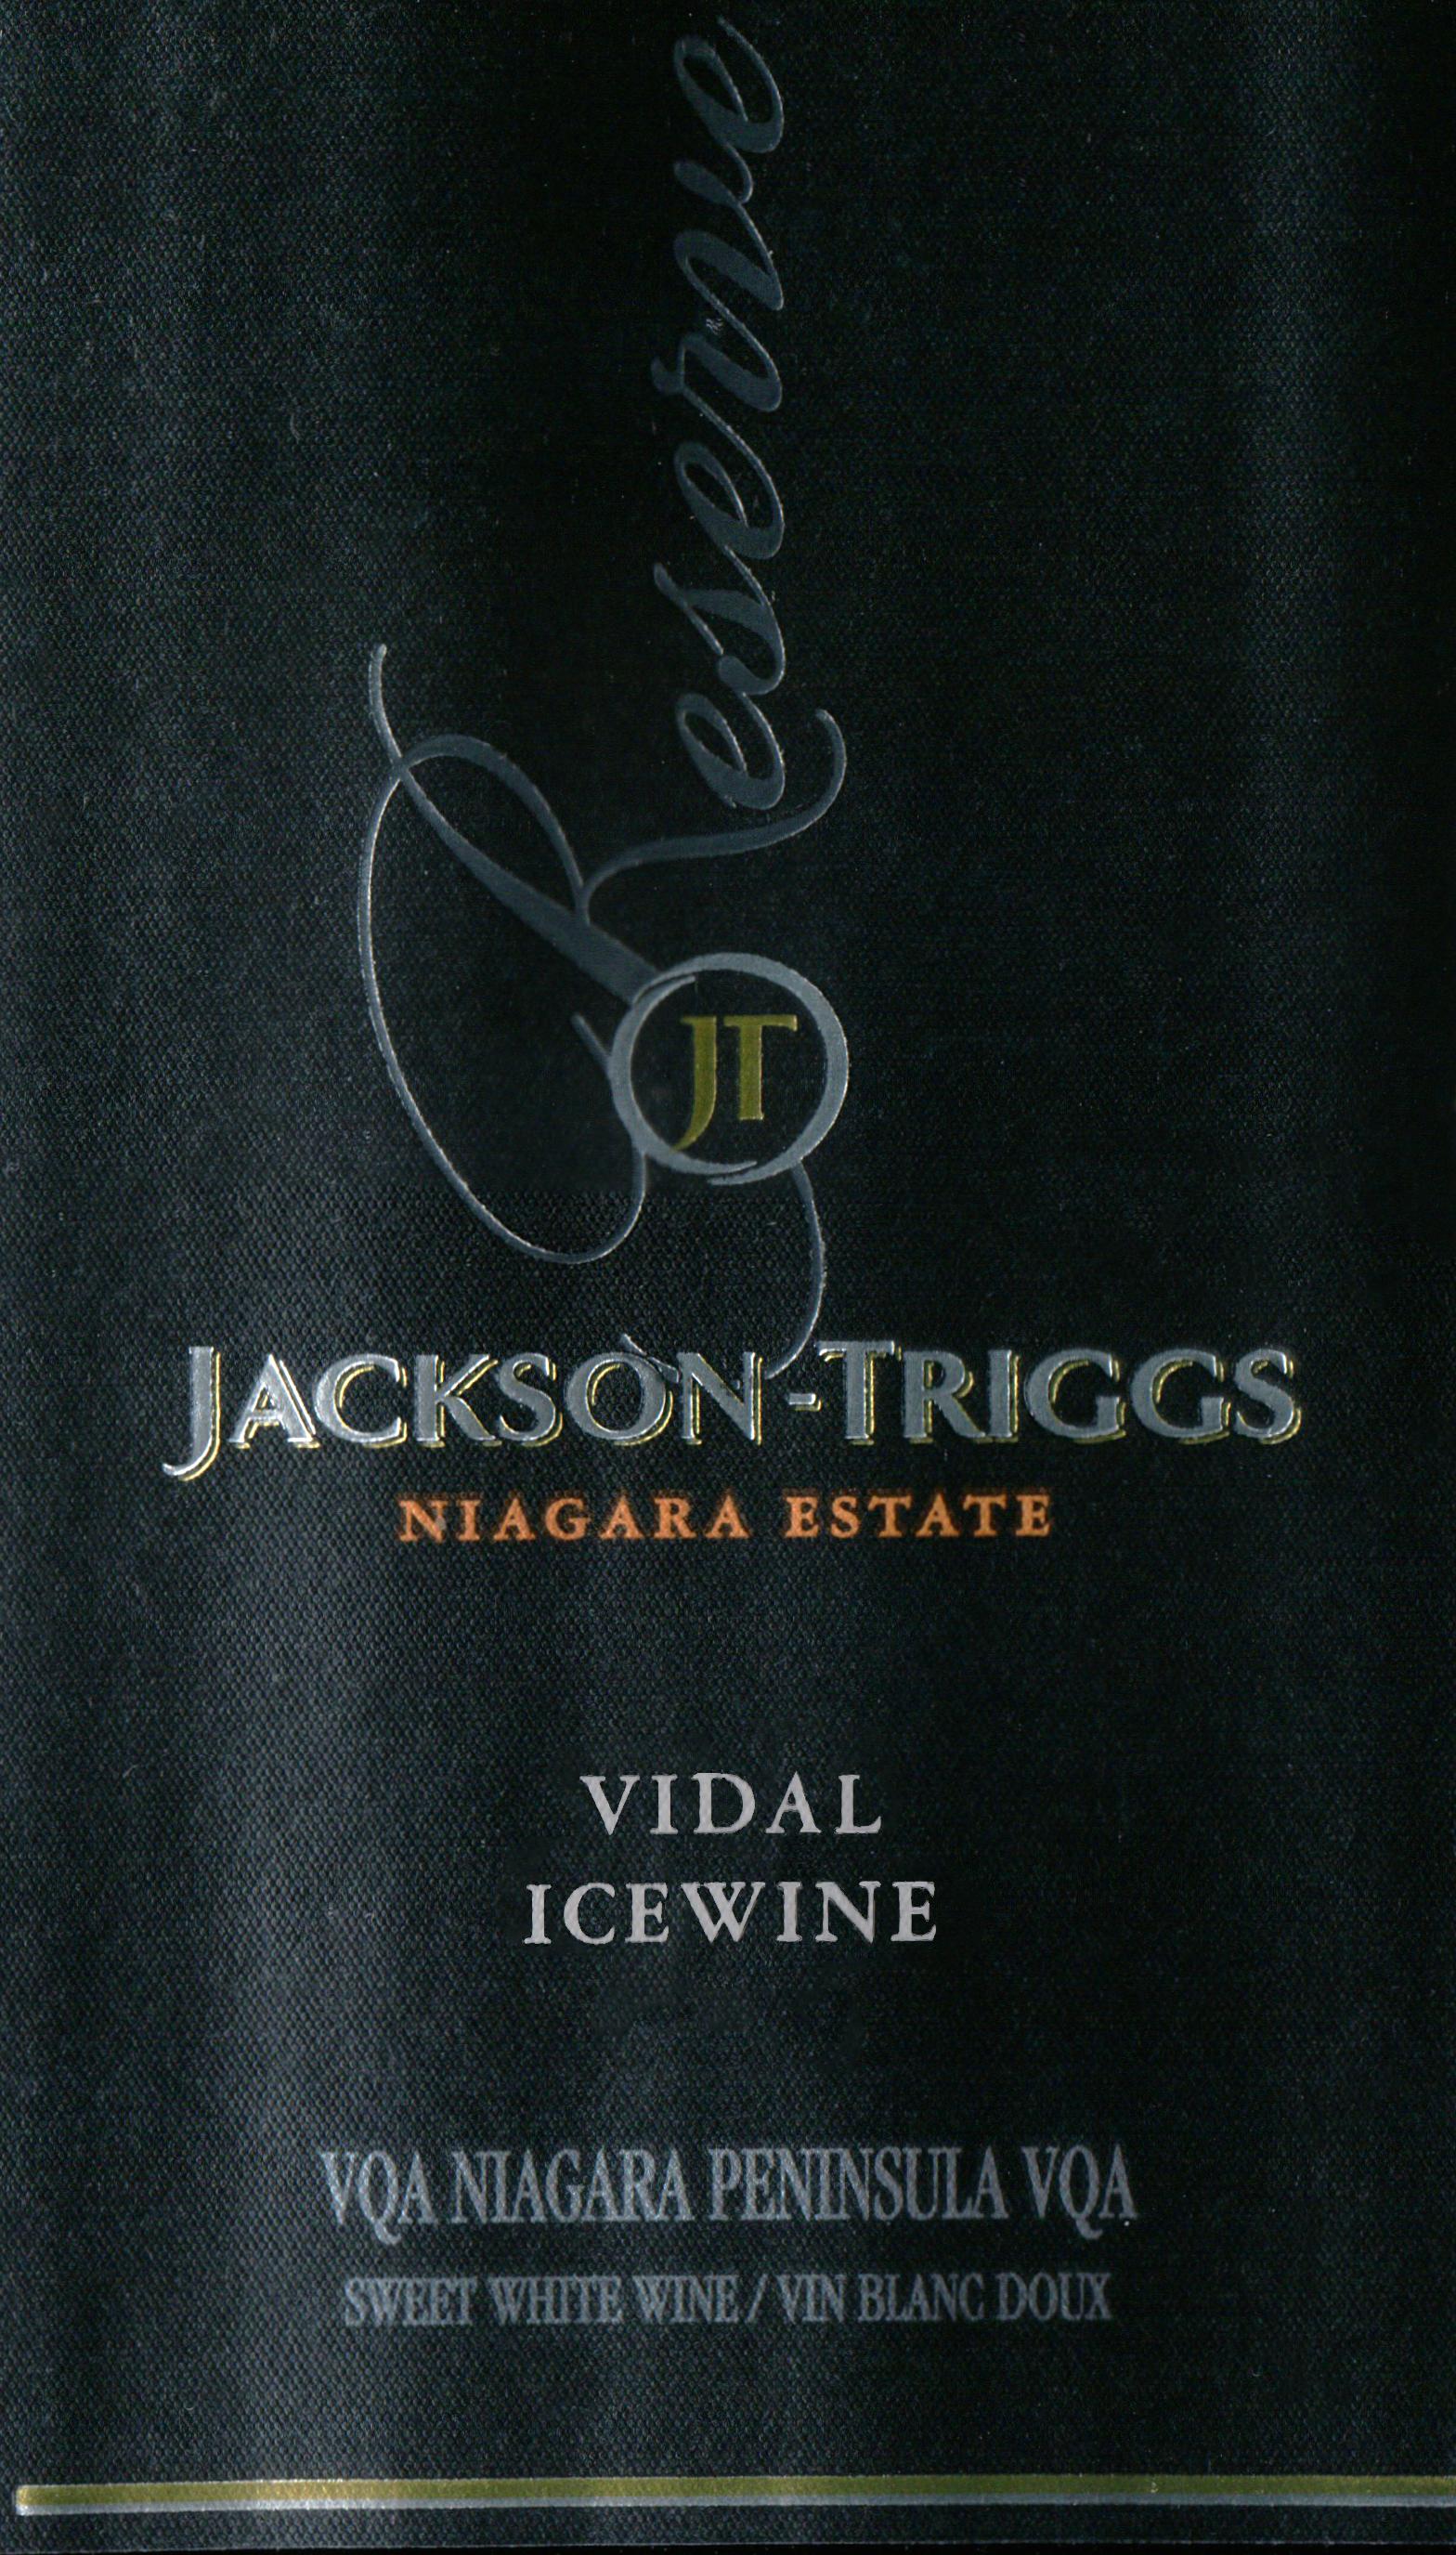 Jackson Triggs Vidal Icewine 187ml 2018